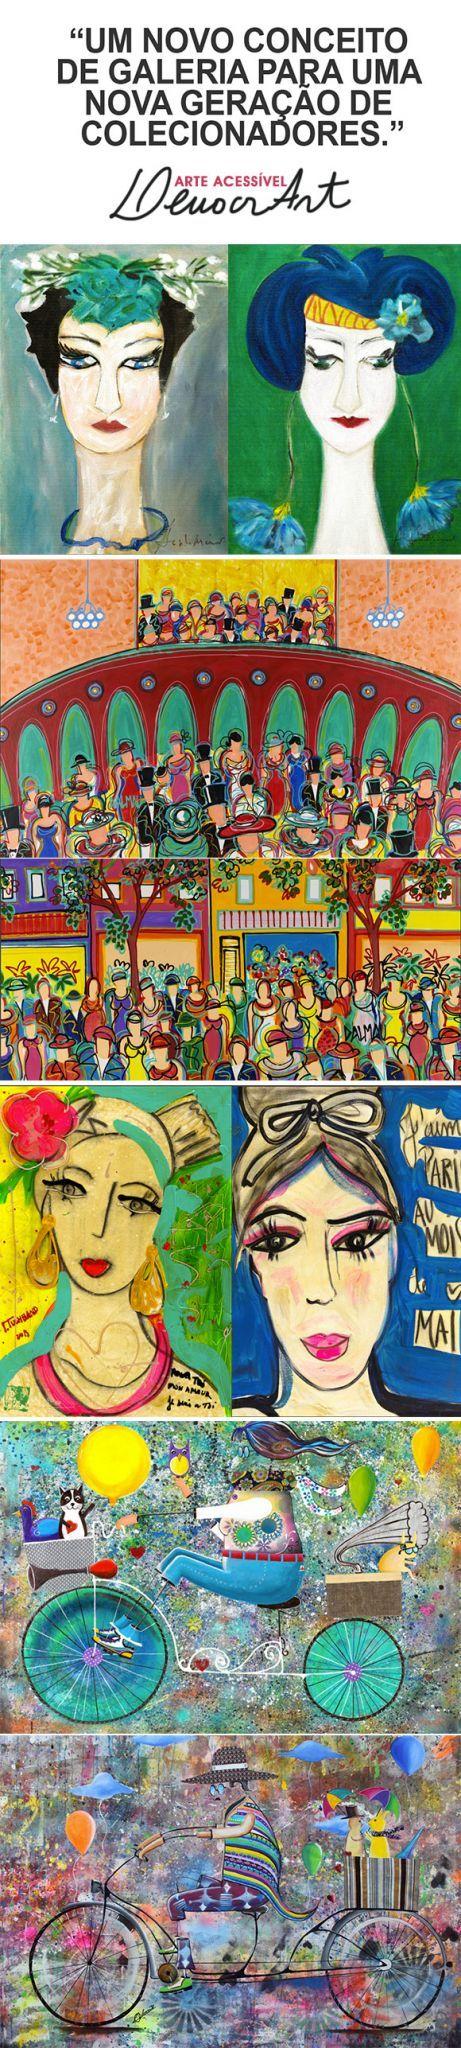 Achados da Bia | Obras | Arte | Democrart